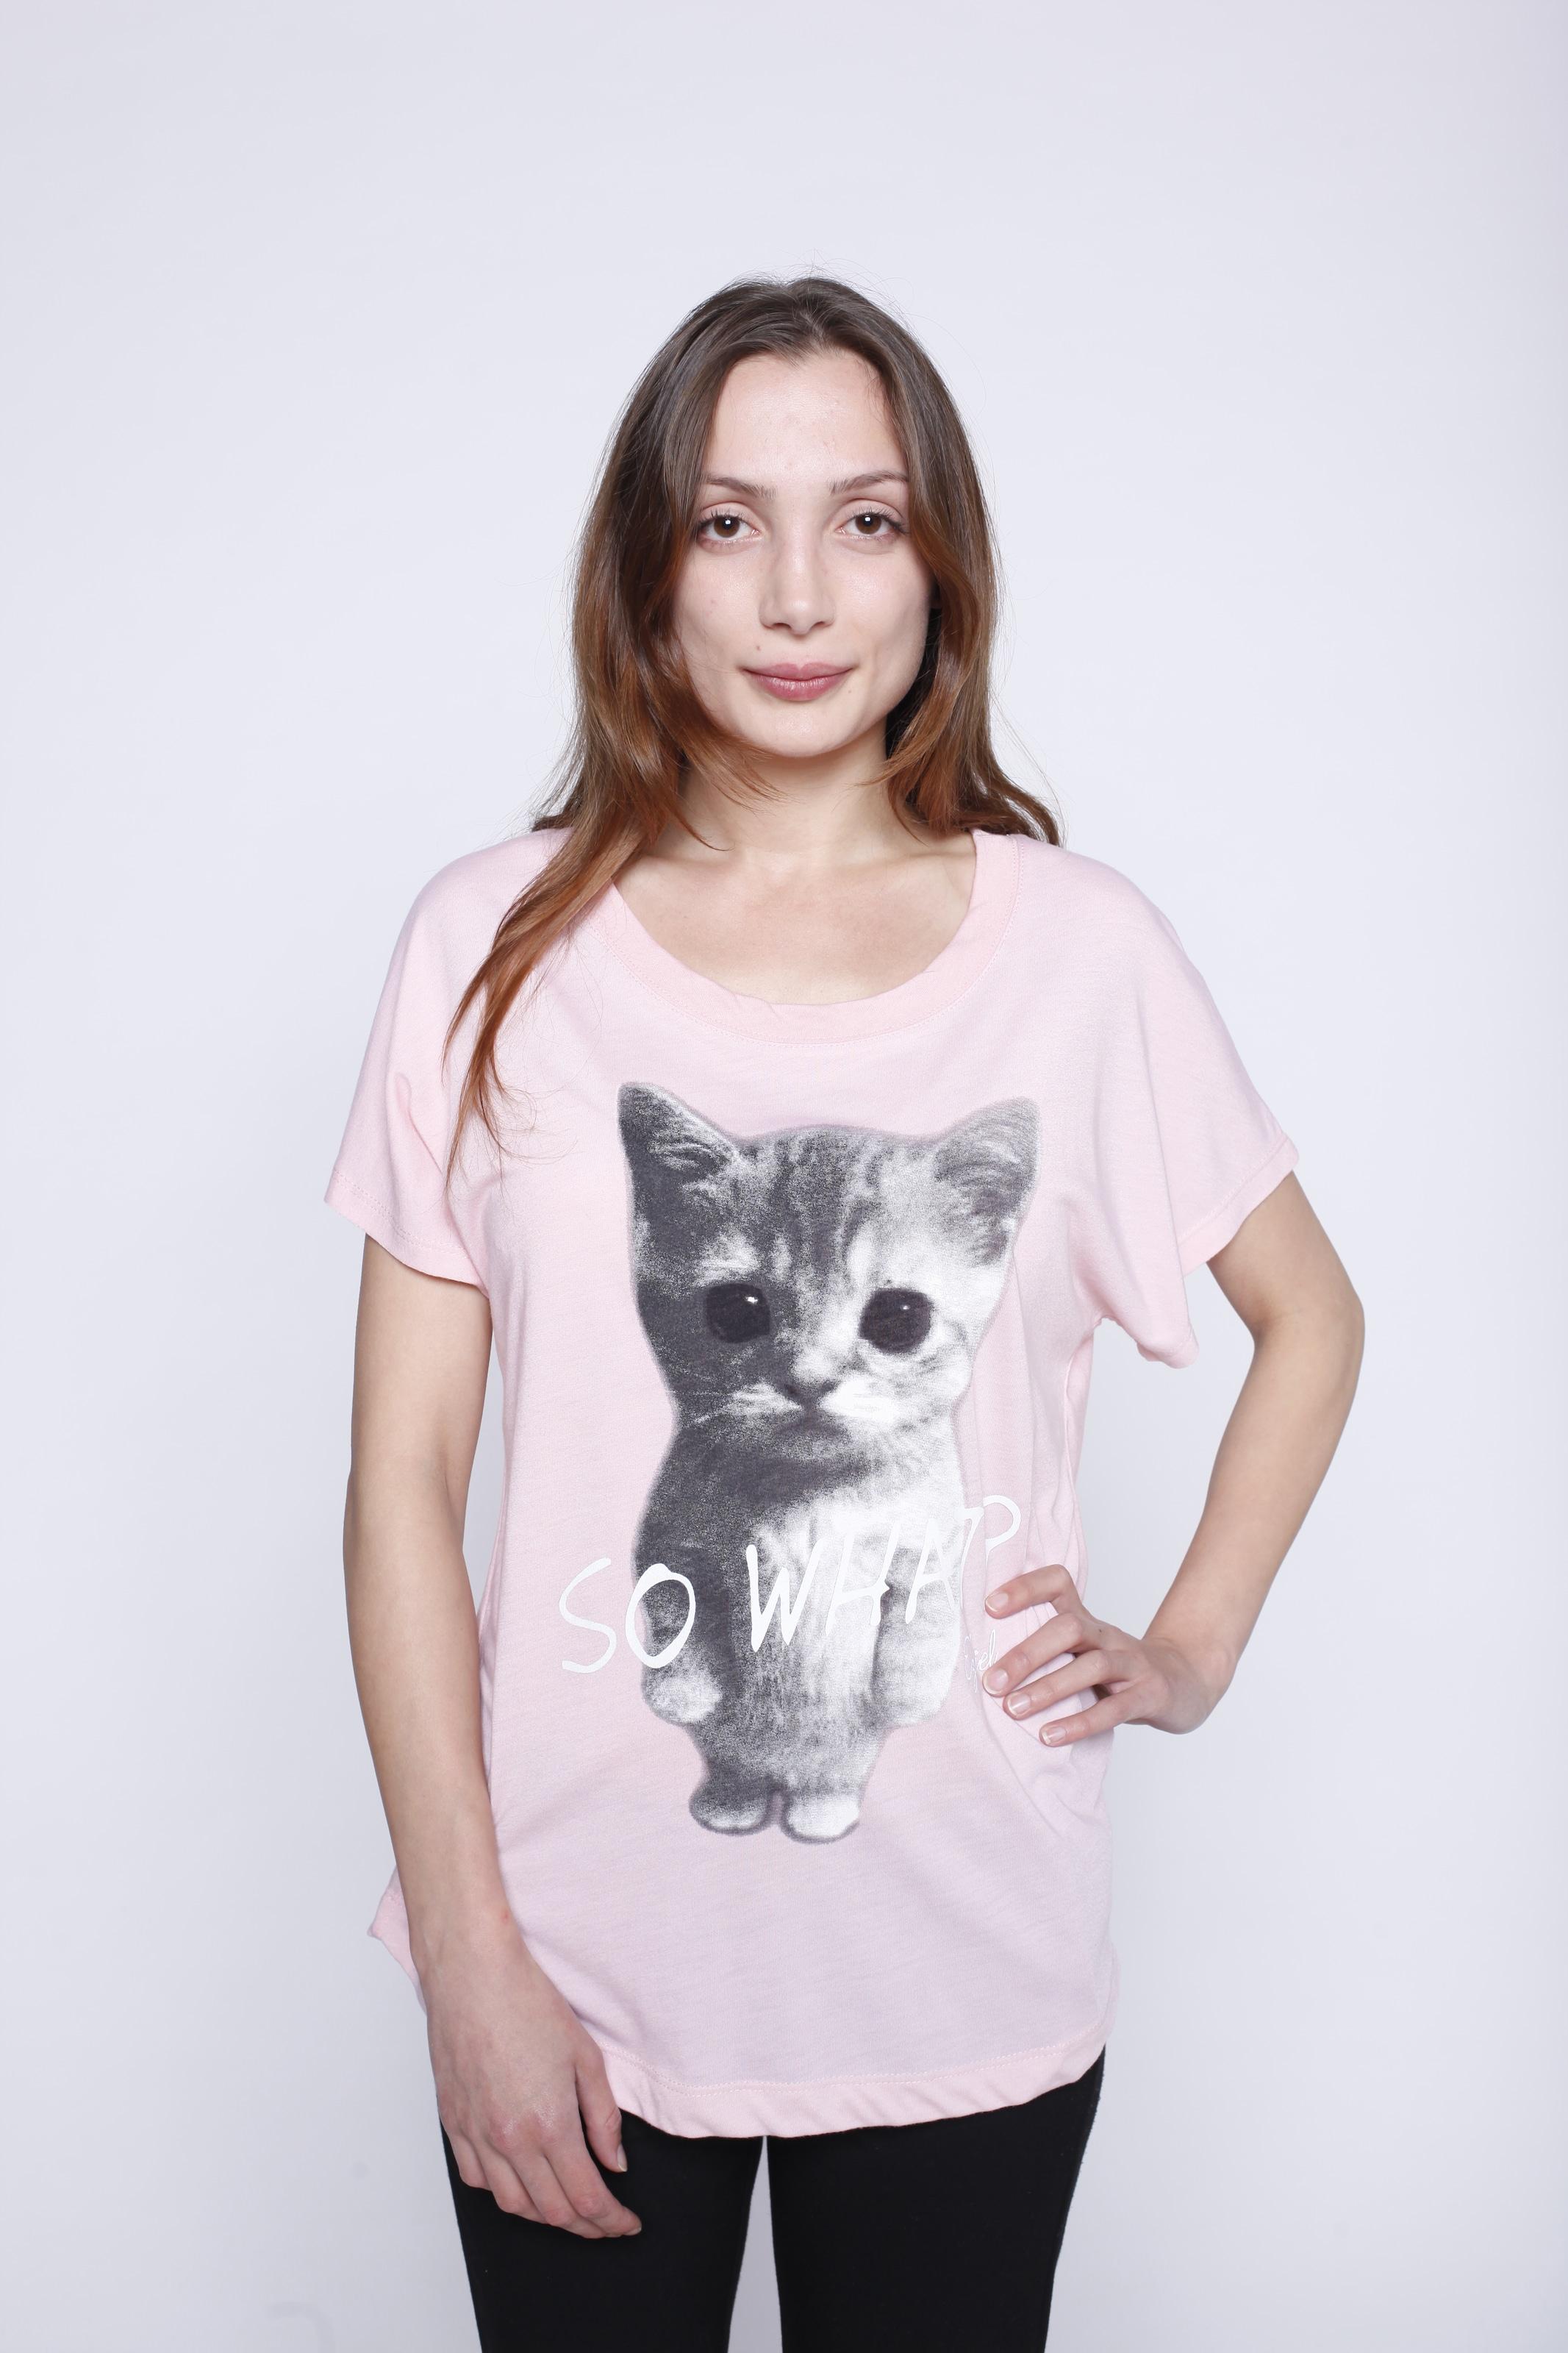 Spielraum Günstiger Preis Klassische Online Ezekiel T-Shirt Genießen Zu Verkaufen Perfekte Online-Verkauf Verkauf Großer Verkauf LFc58r6